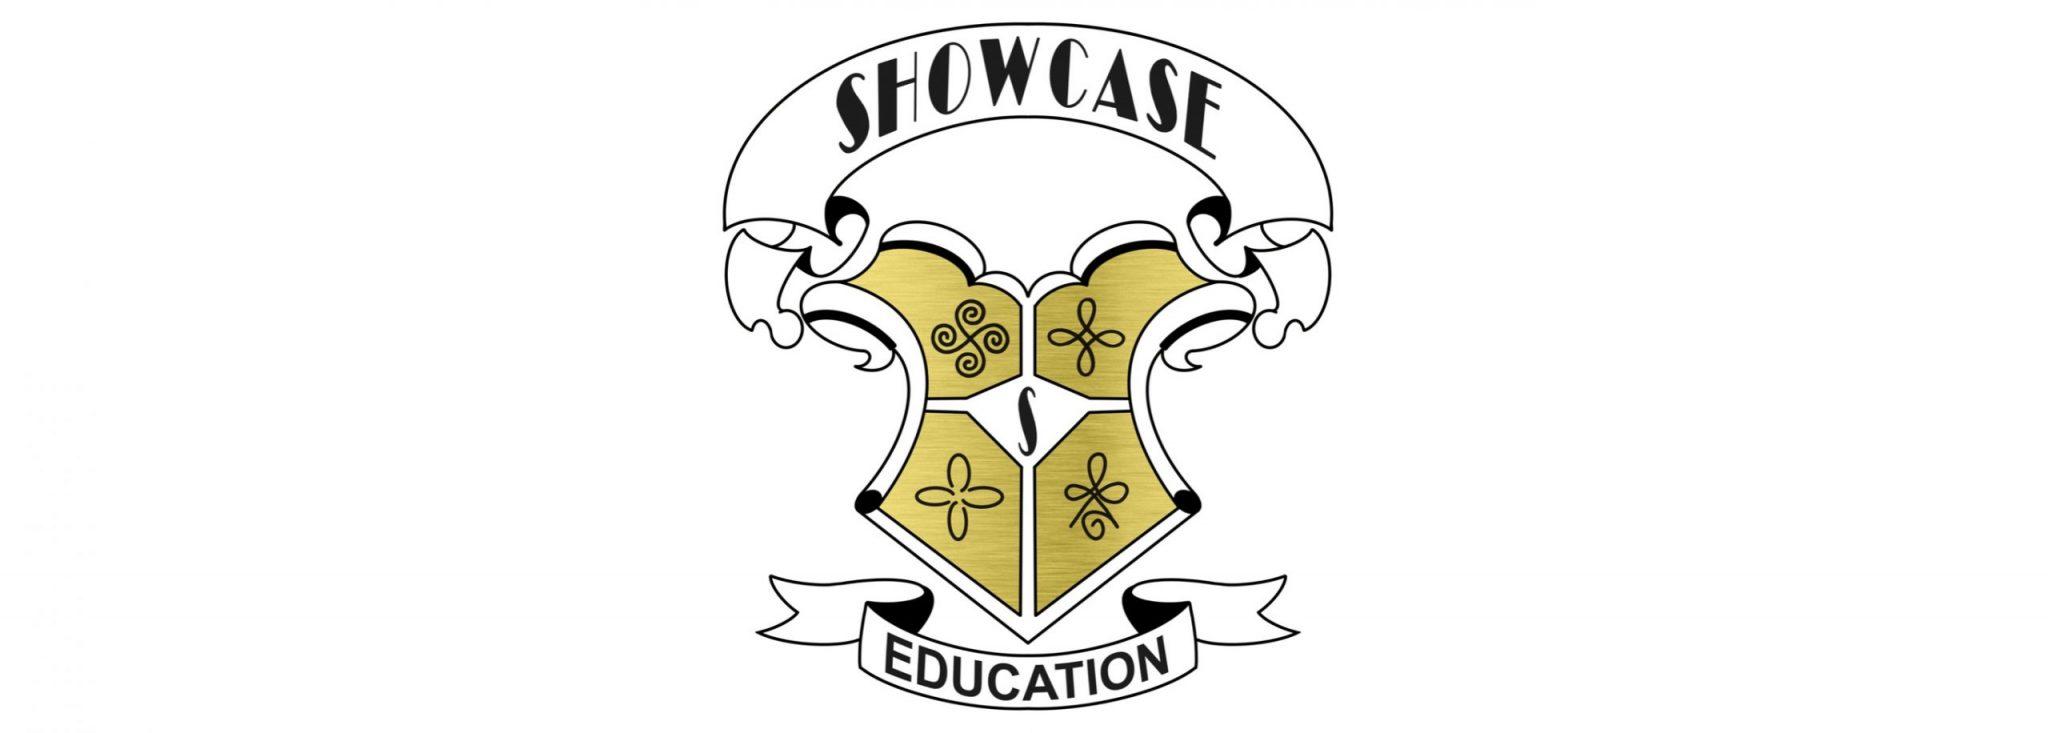 showcase education logo